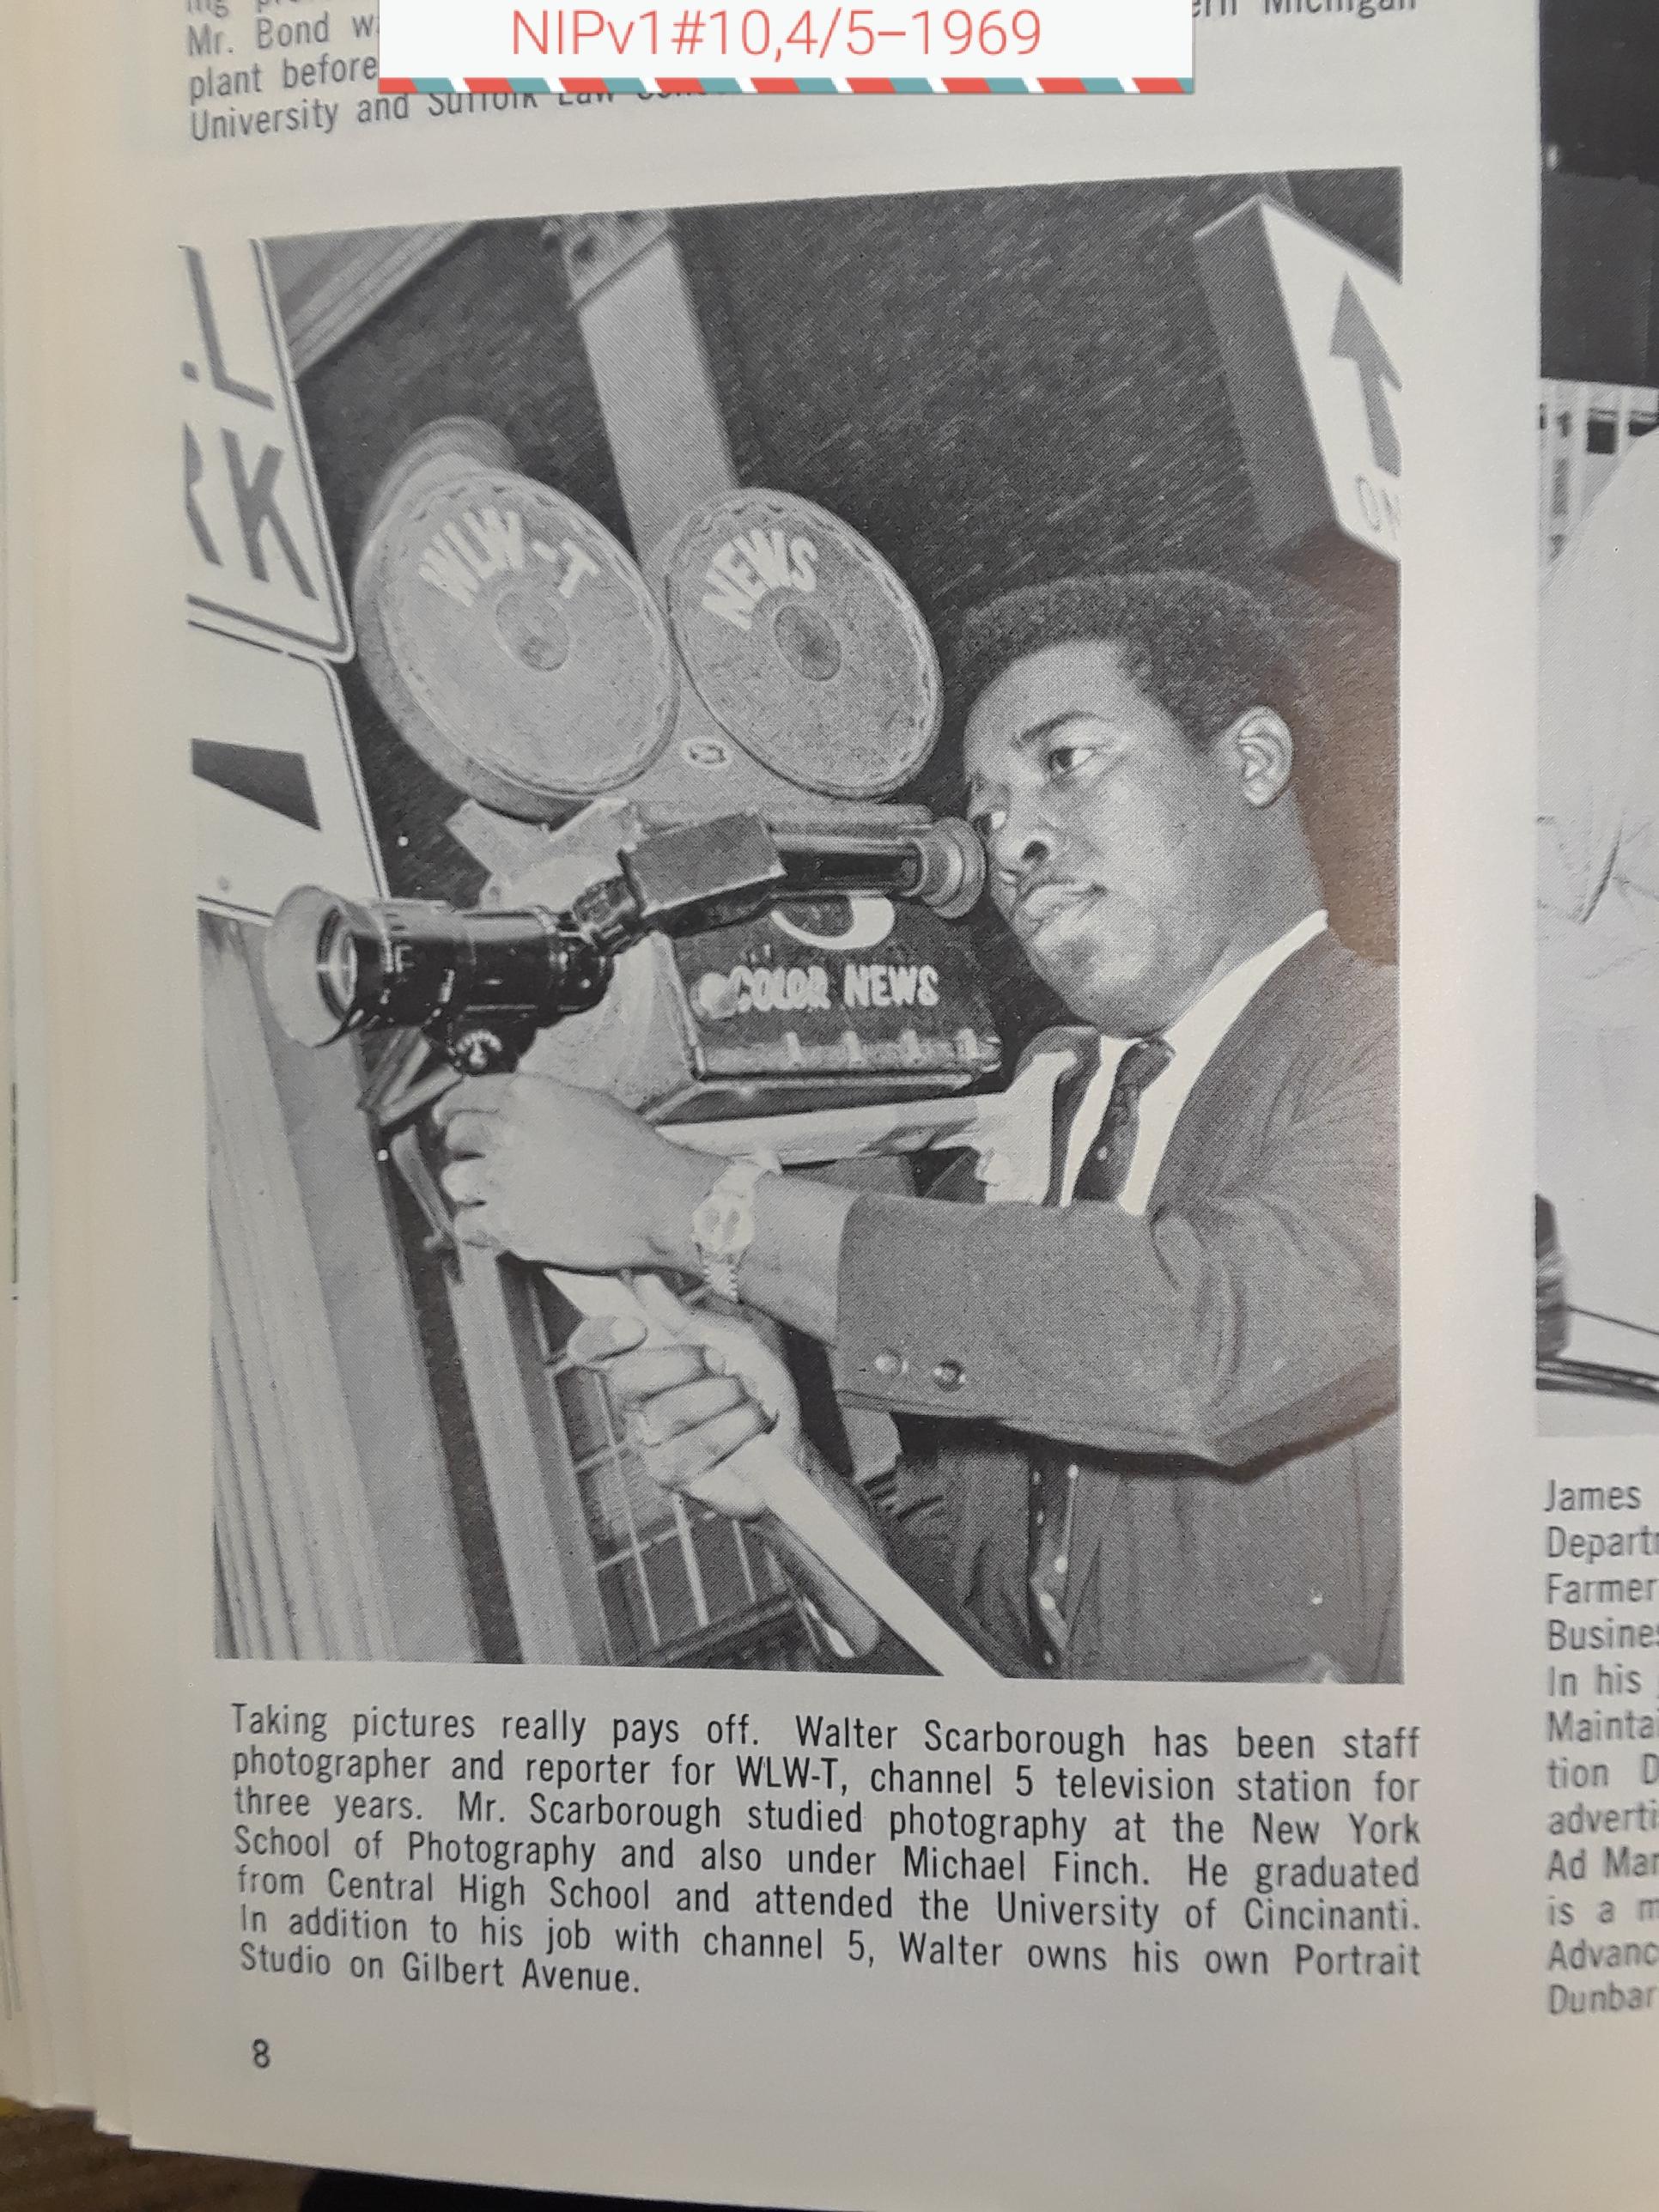 NIP, 1968-69